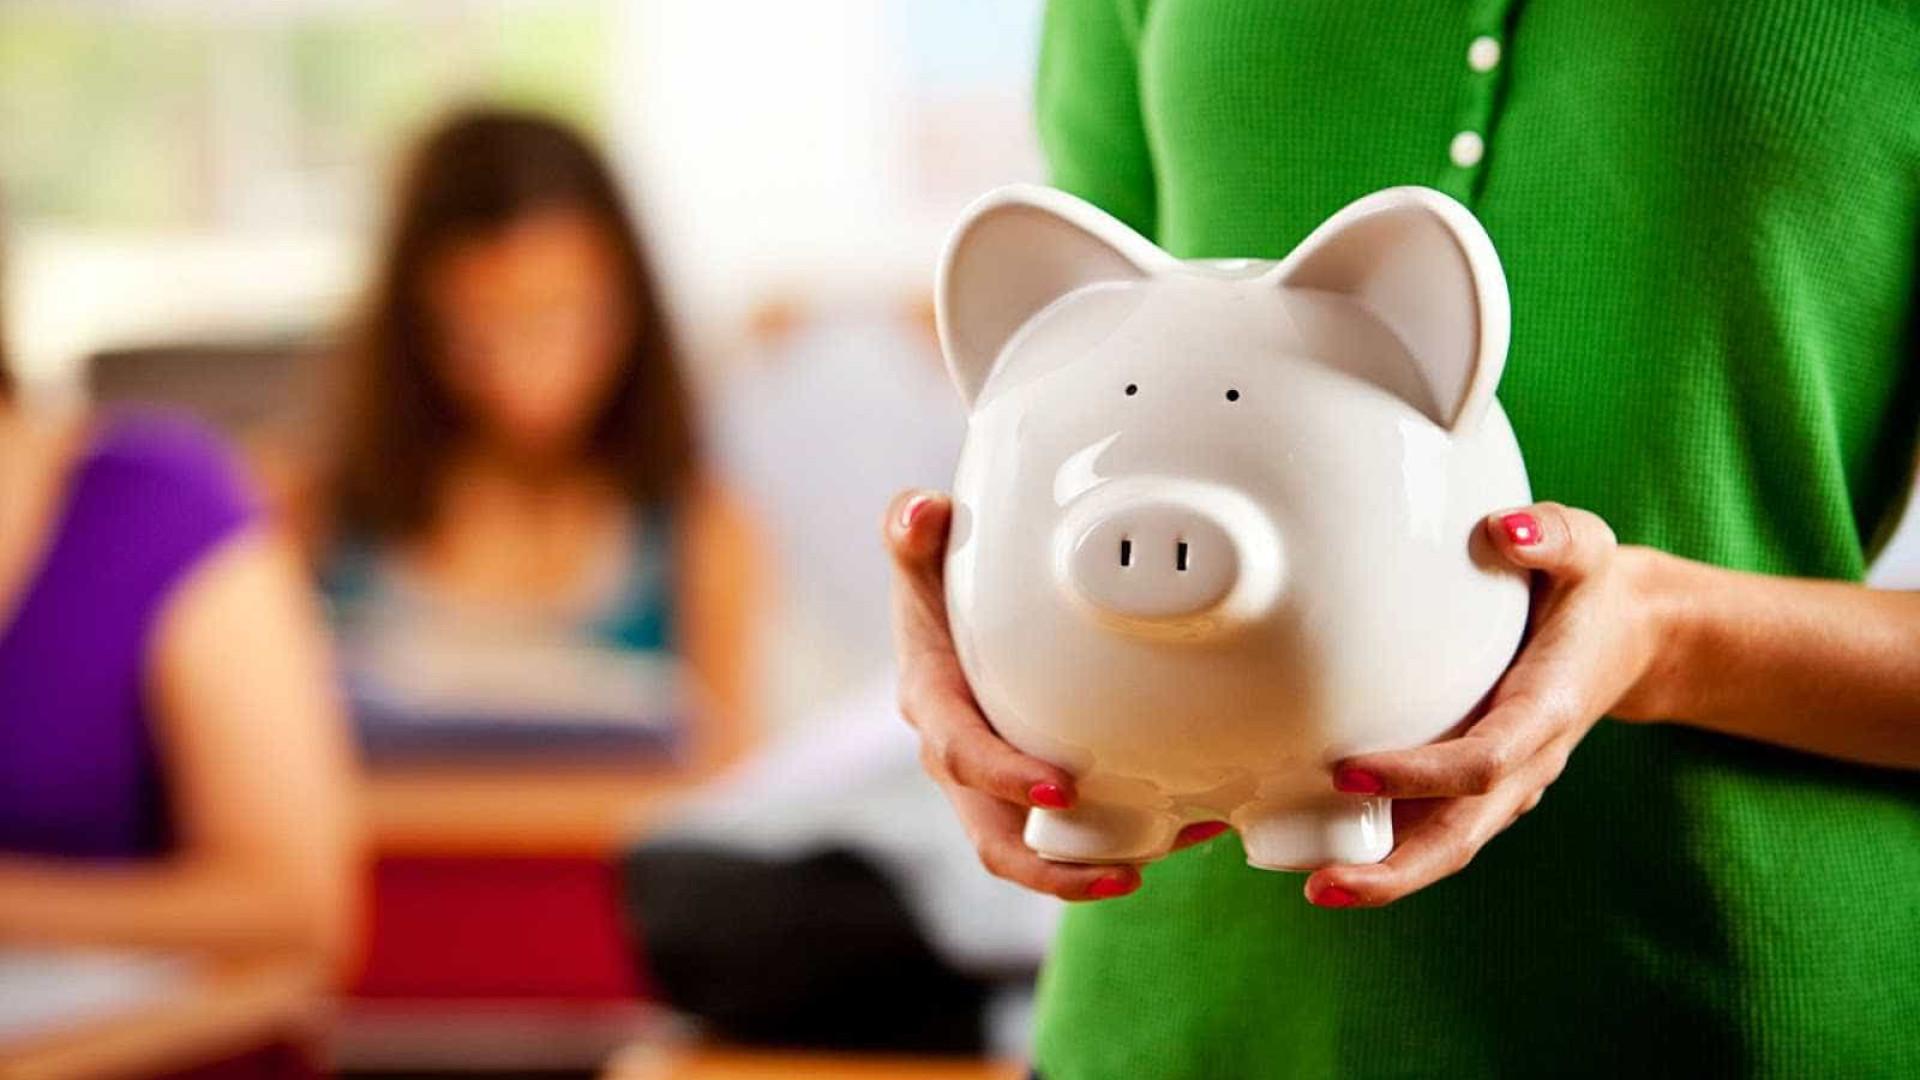 Bancos anunciam mutirão para renegociação de dívidas em dezembro